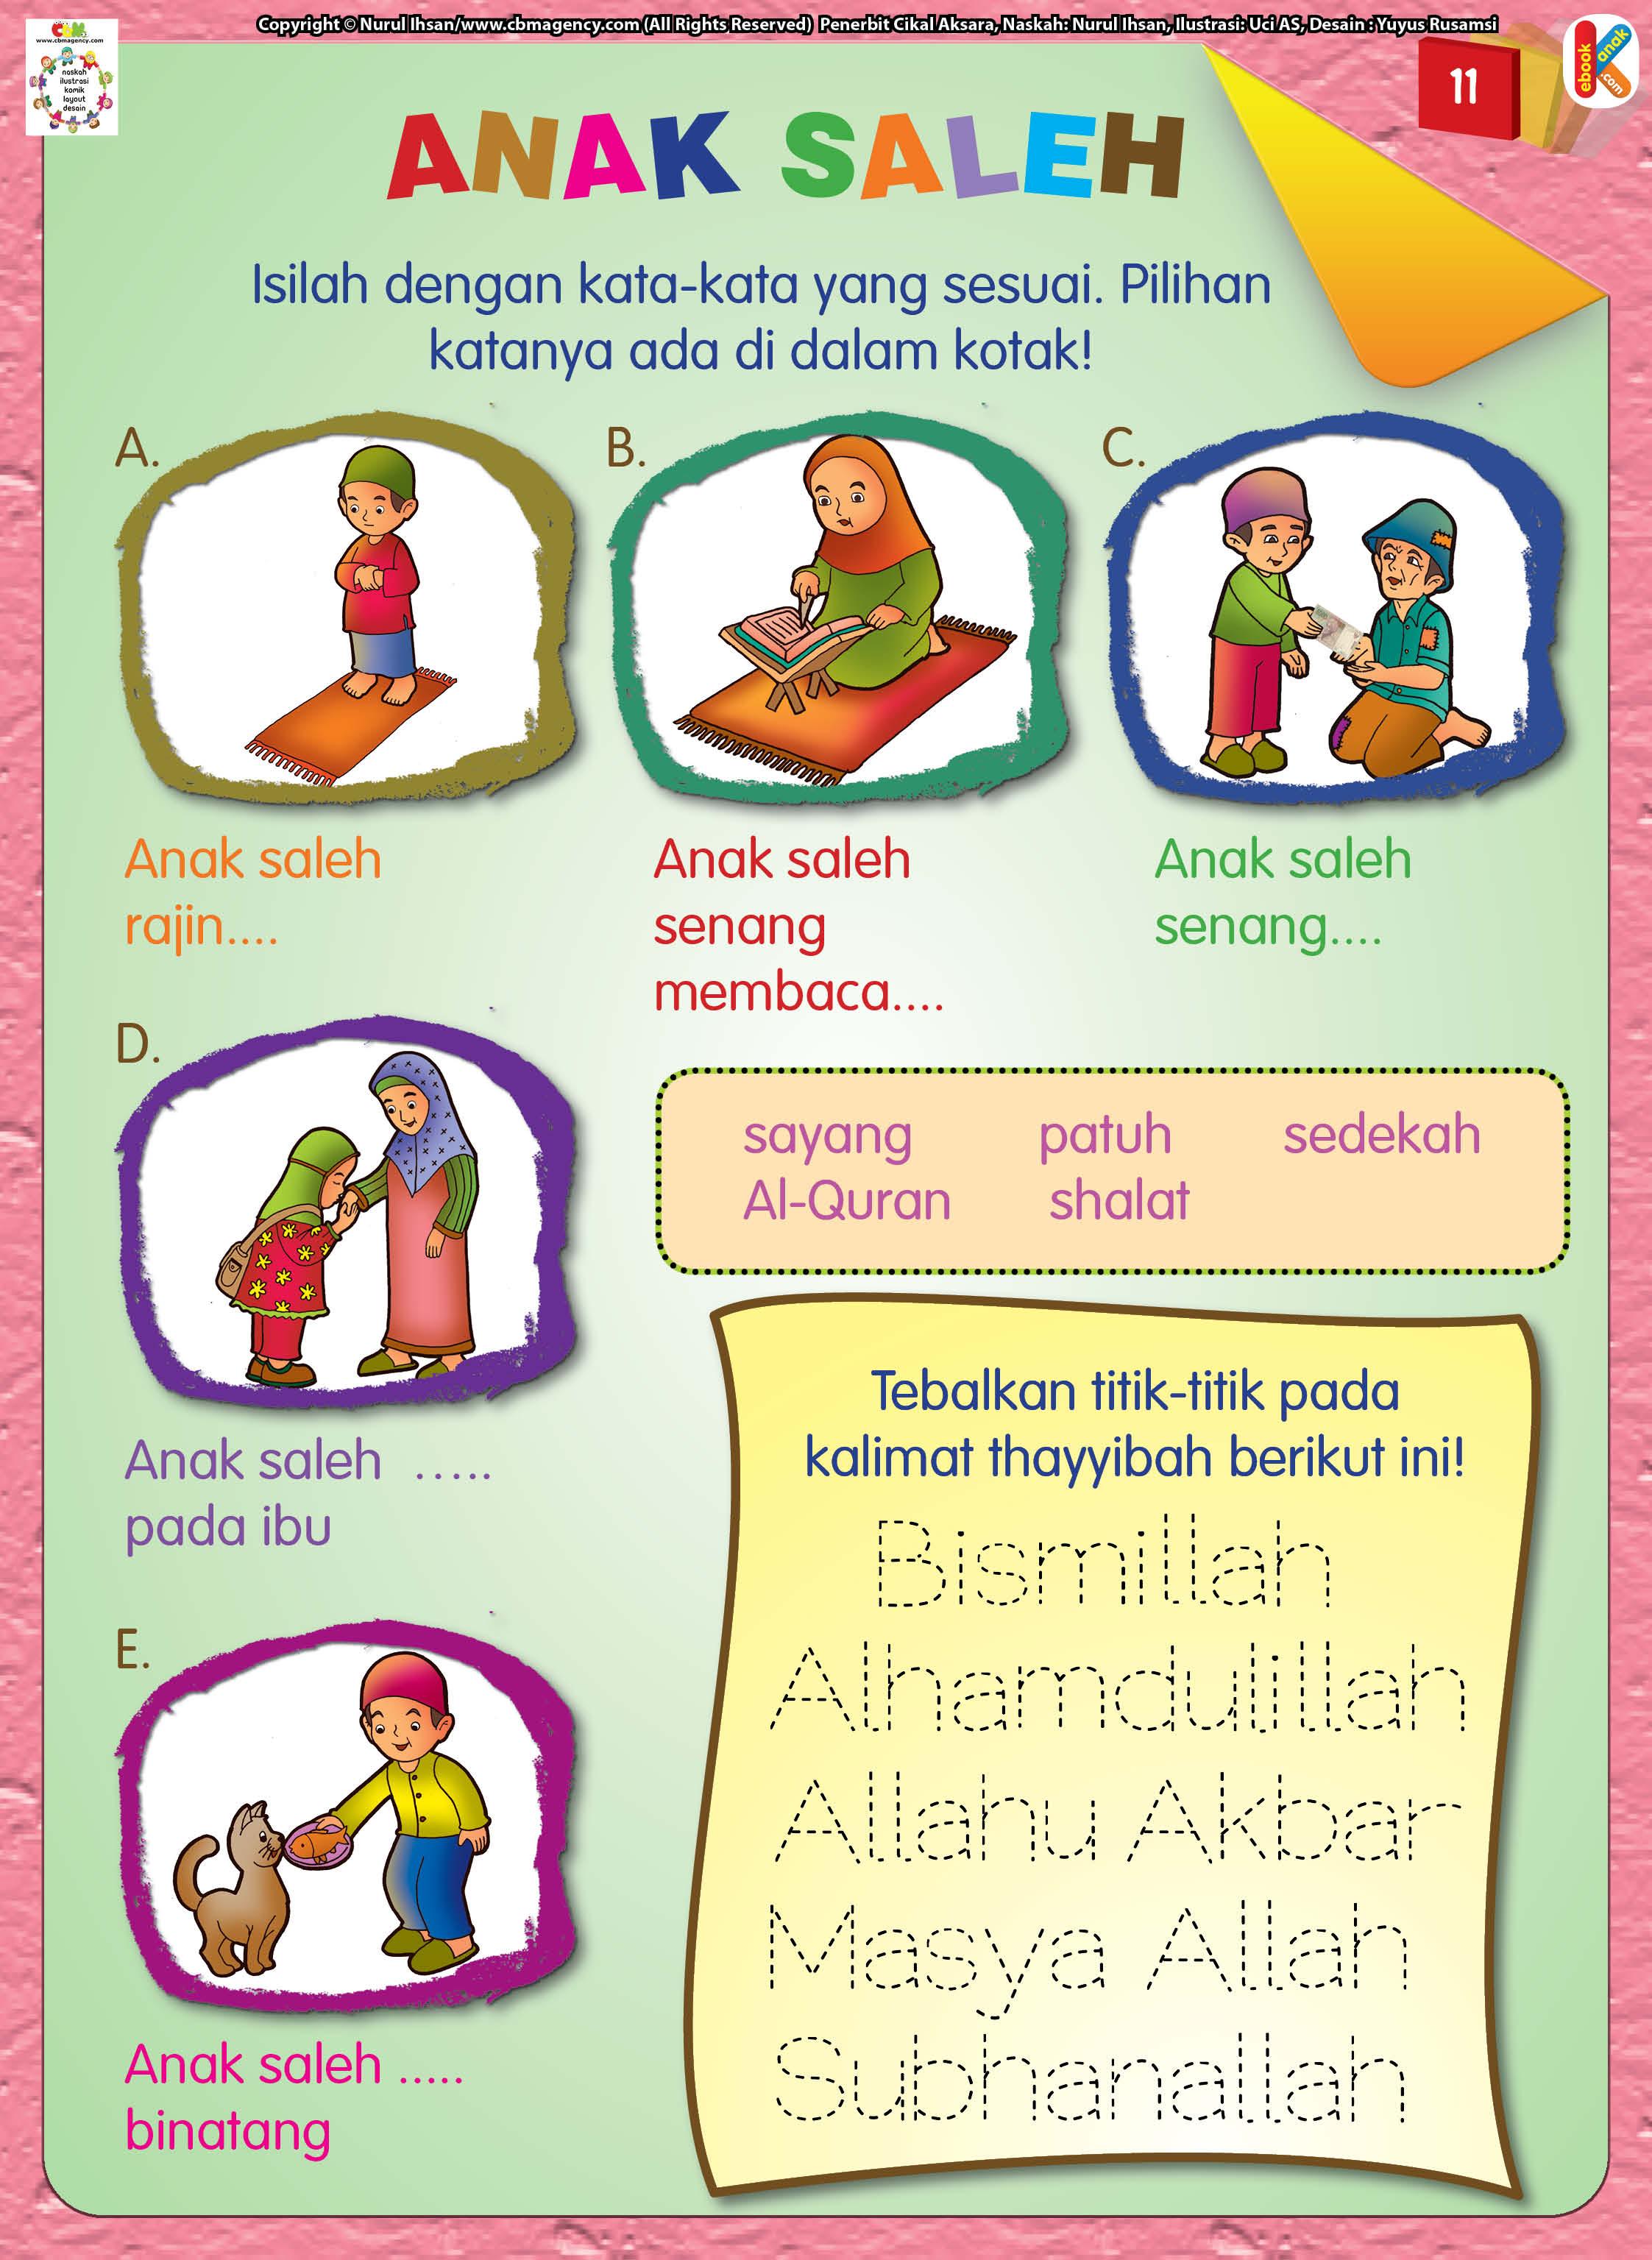 Anak saleh senang membaca Al-Qur'an. Anak saleh senang sedekah.